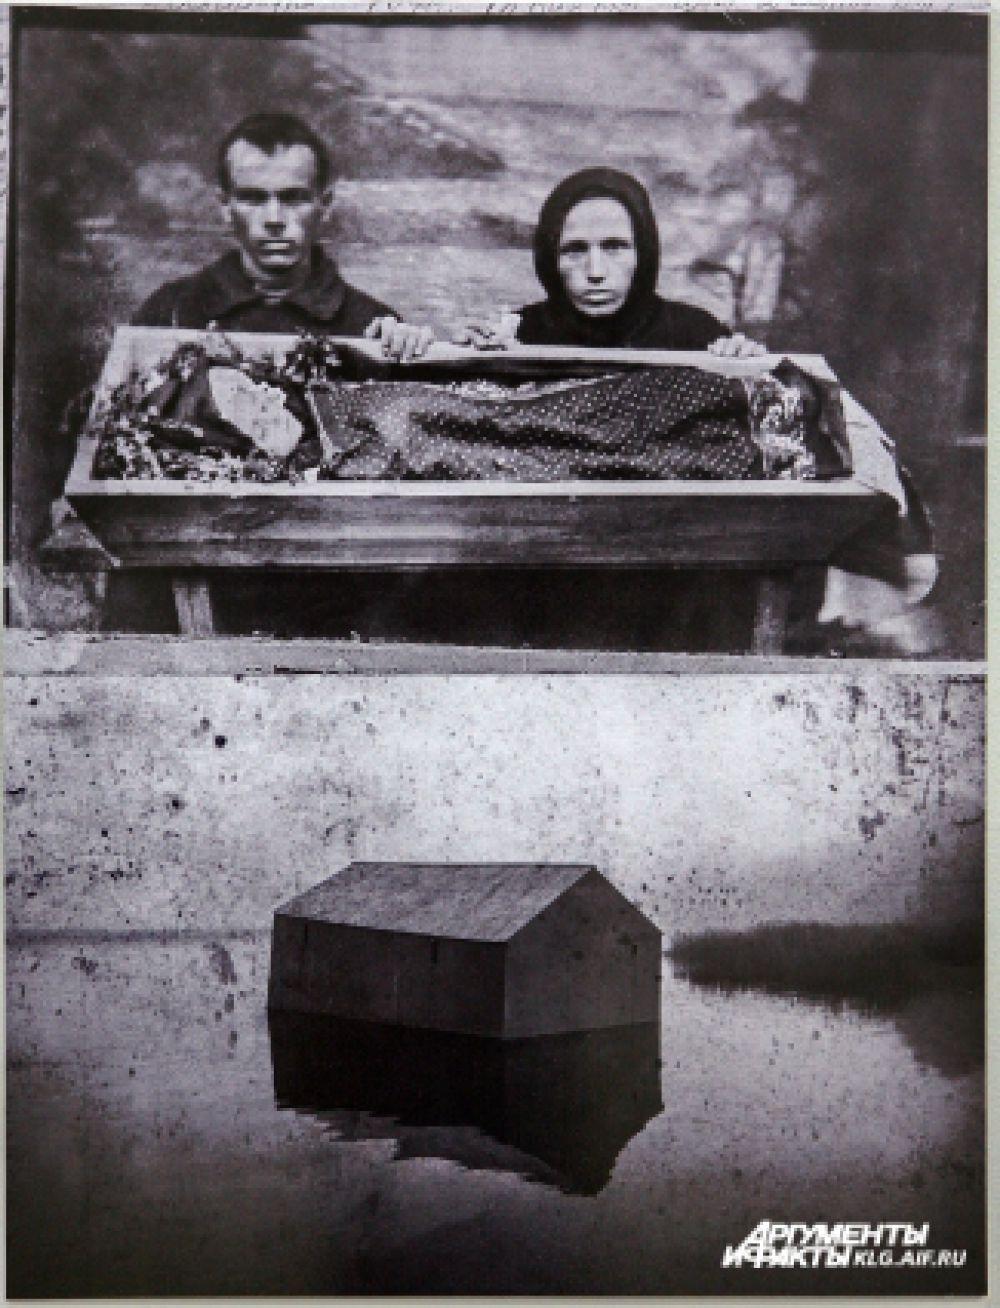 Ретроспективная выставка классиков фотографии 1900х-1960х годов.